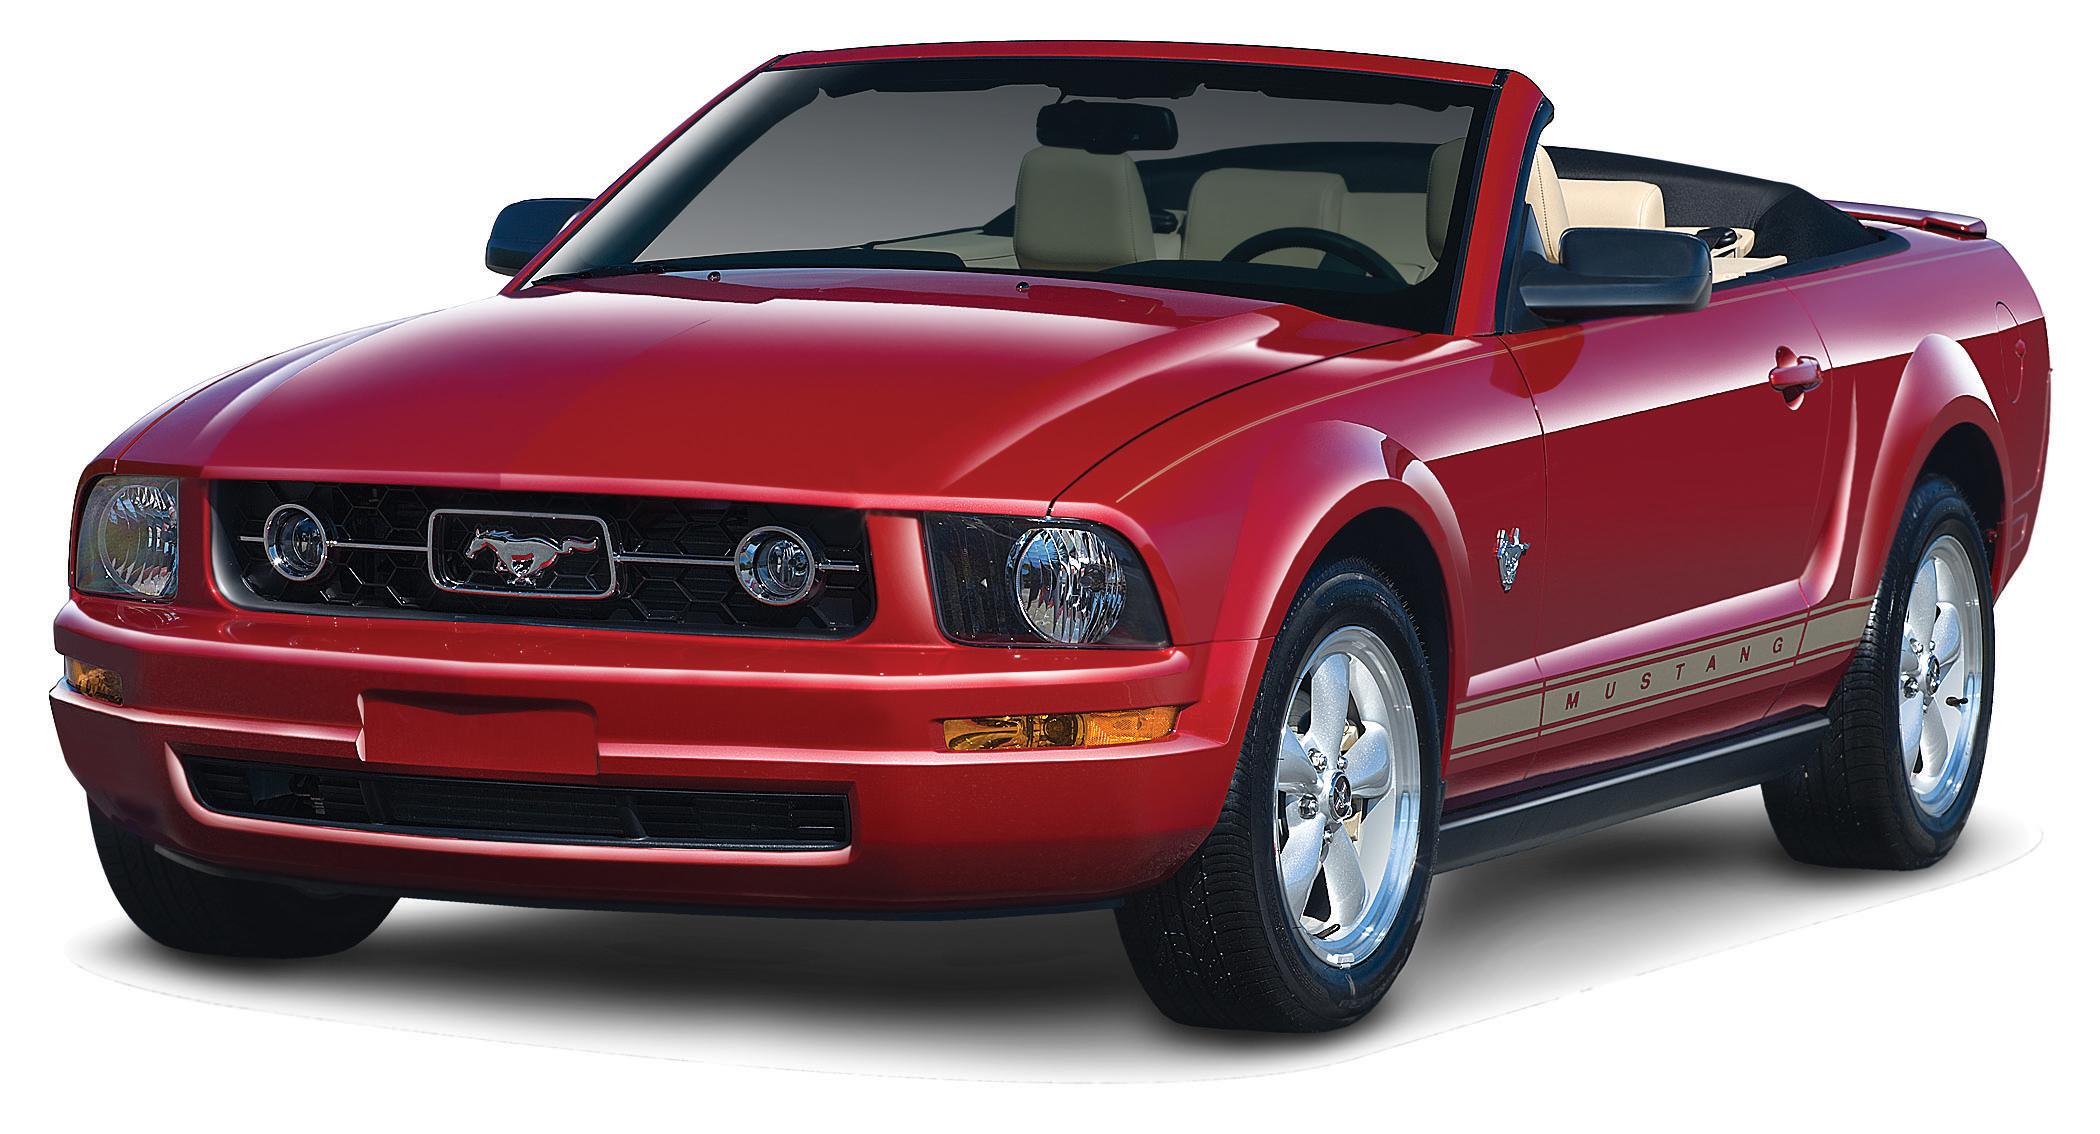 Ford_Mustang_Convertible_carhireflorida.jpg